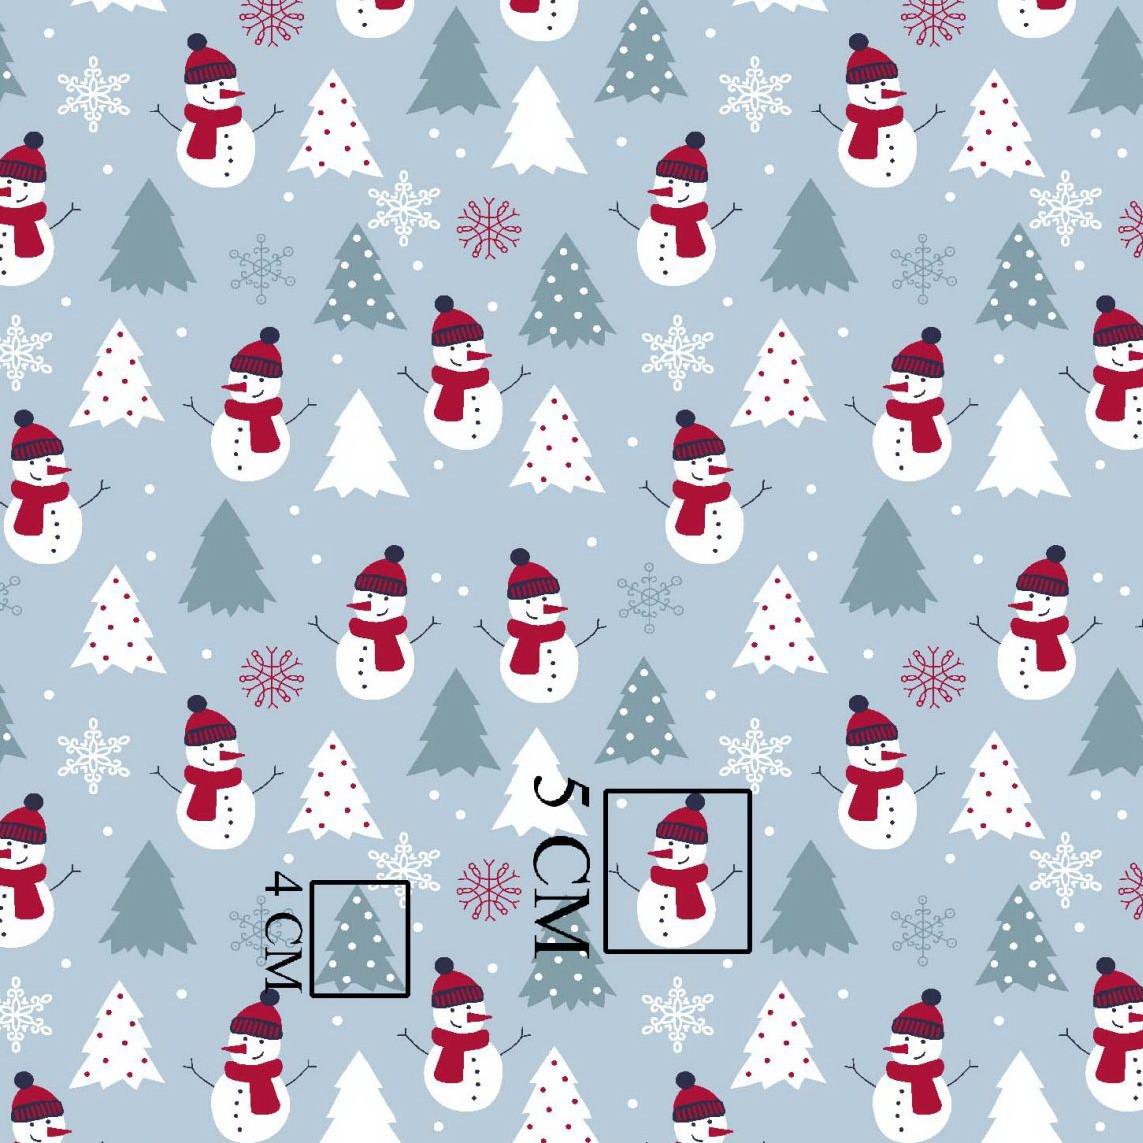 НОВОРІЧНА бавовняна тканина польська сніговики з сірими ялинками на сіро-блакитному №277